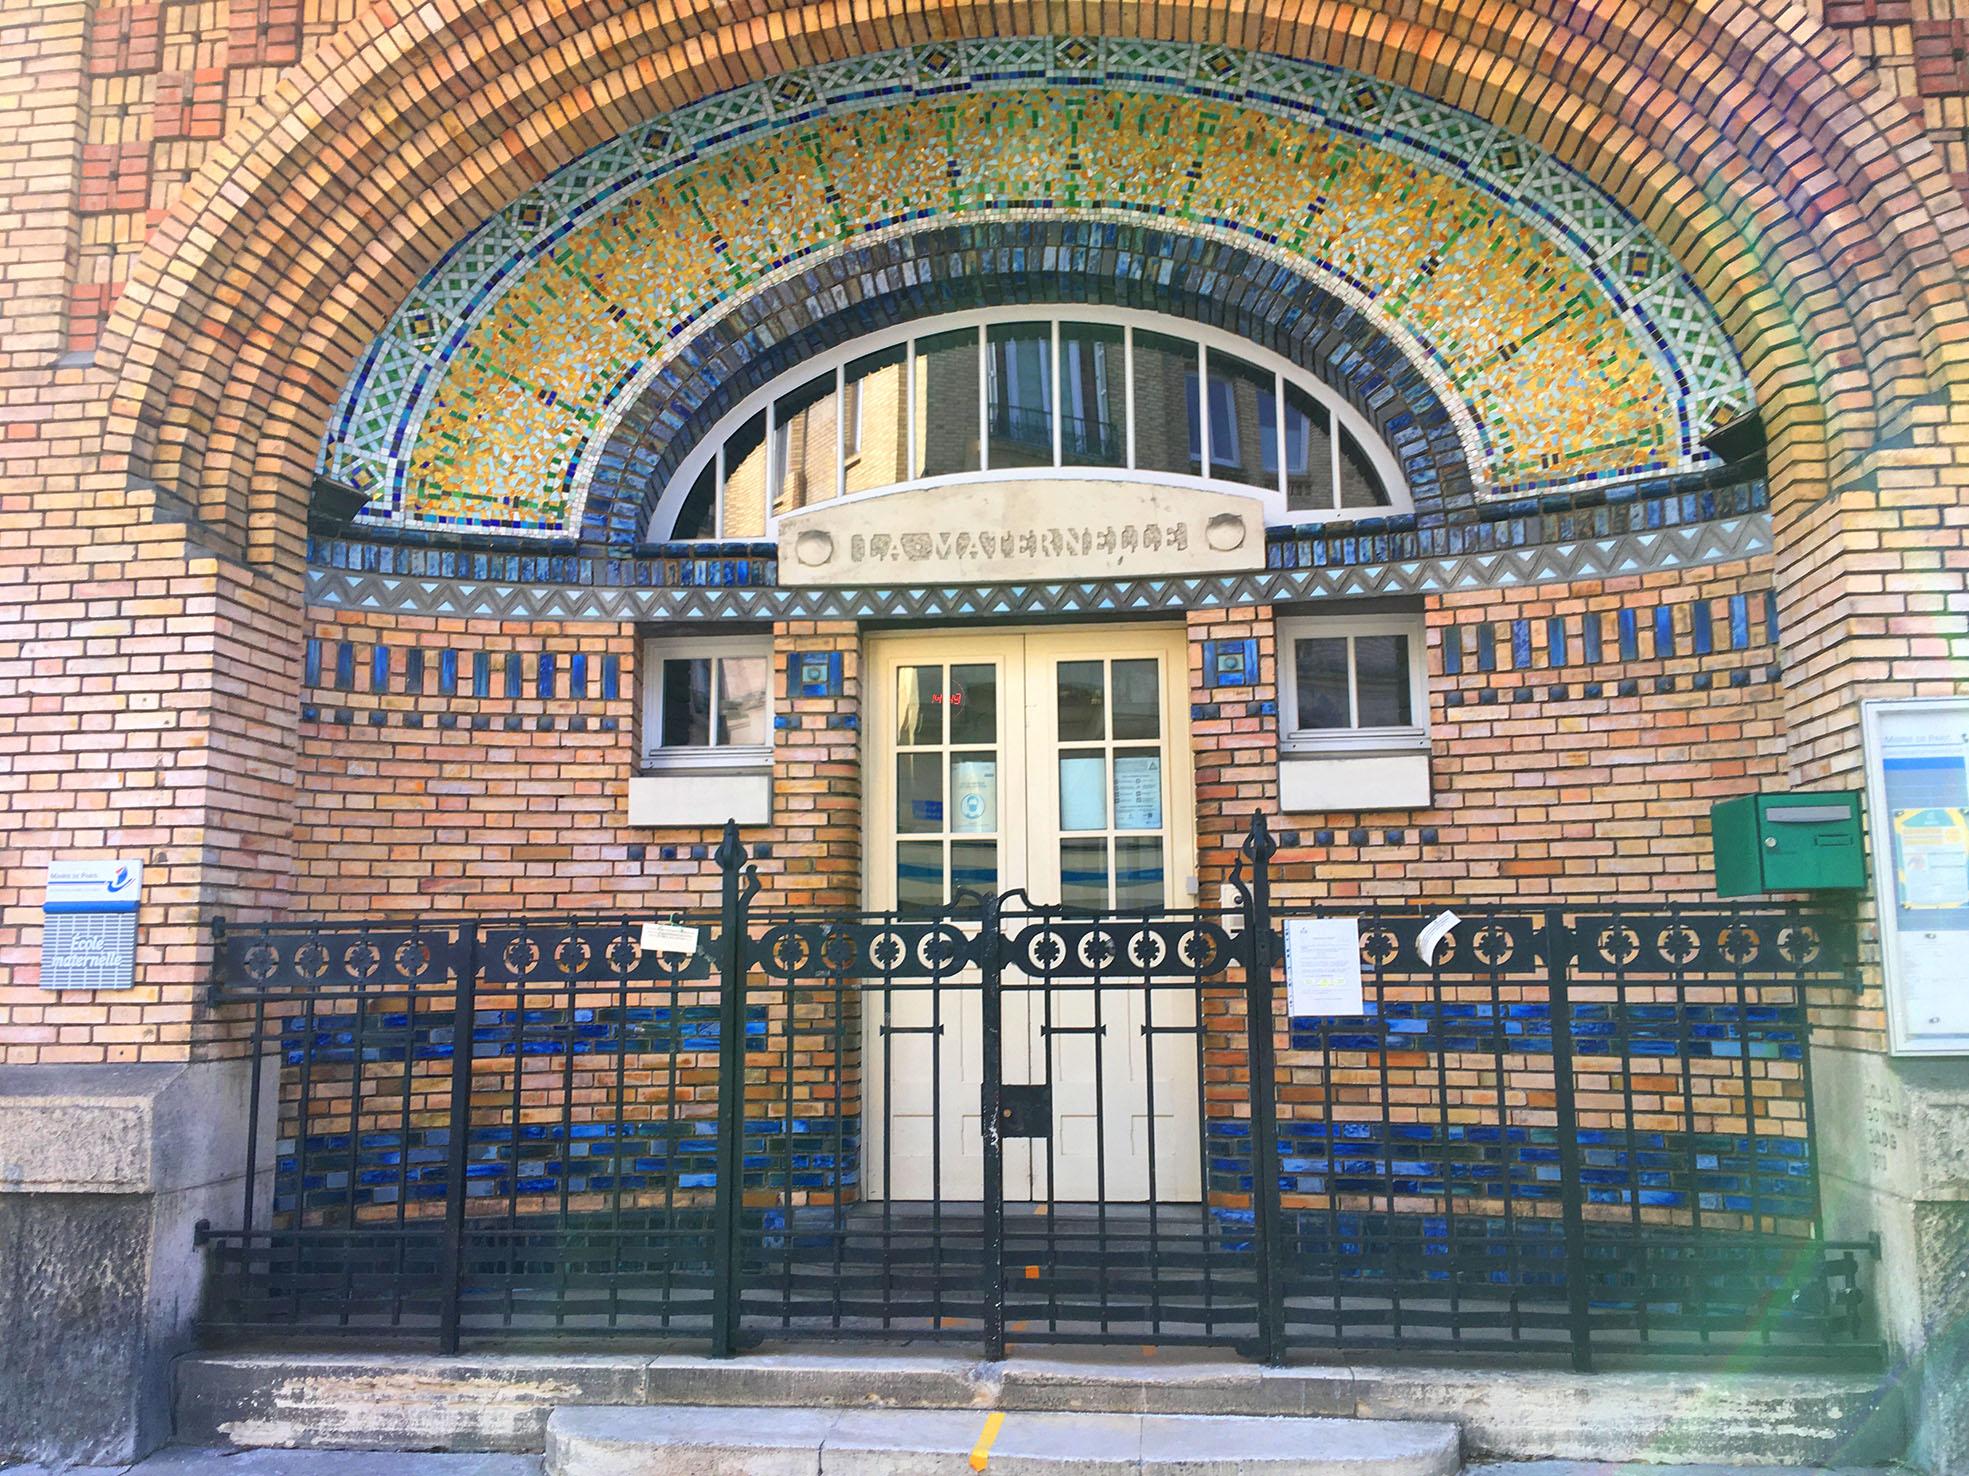 Porte d'entrée de l'école maternelle Rouelle Paris15